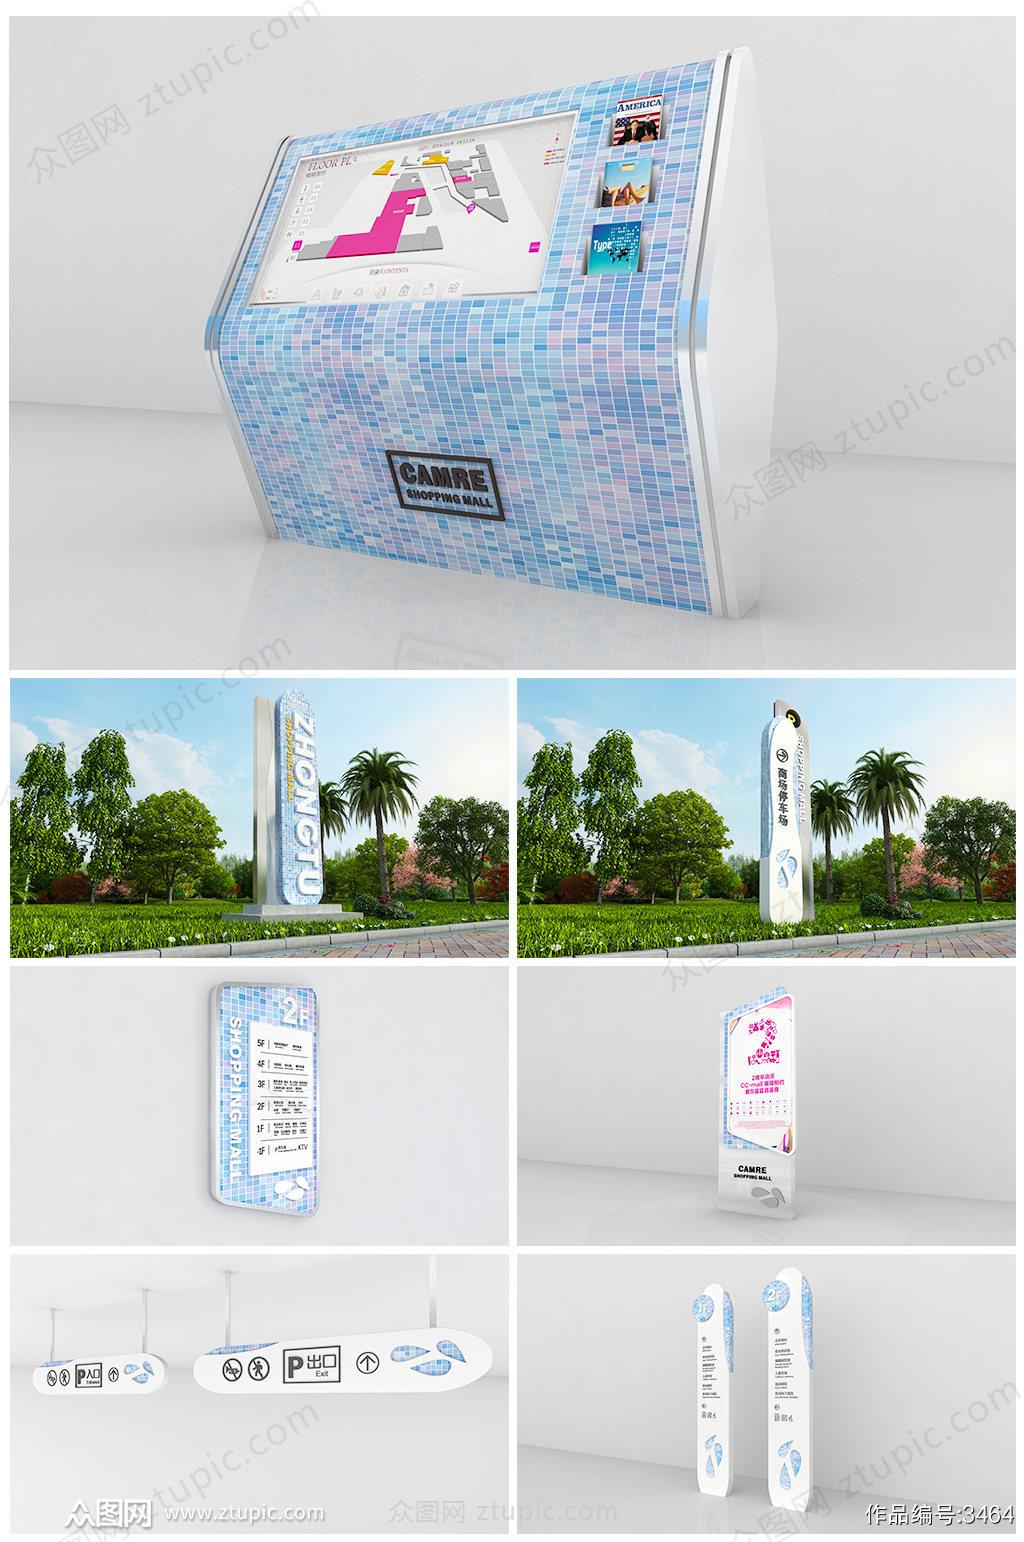 全套简约大气广场商场导视系统VIS设计 精神堡垒素材